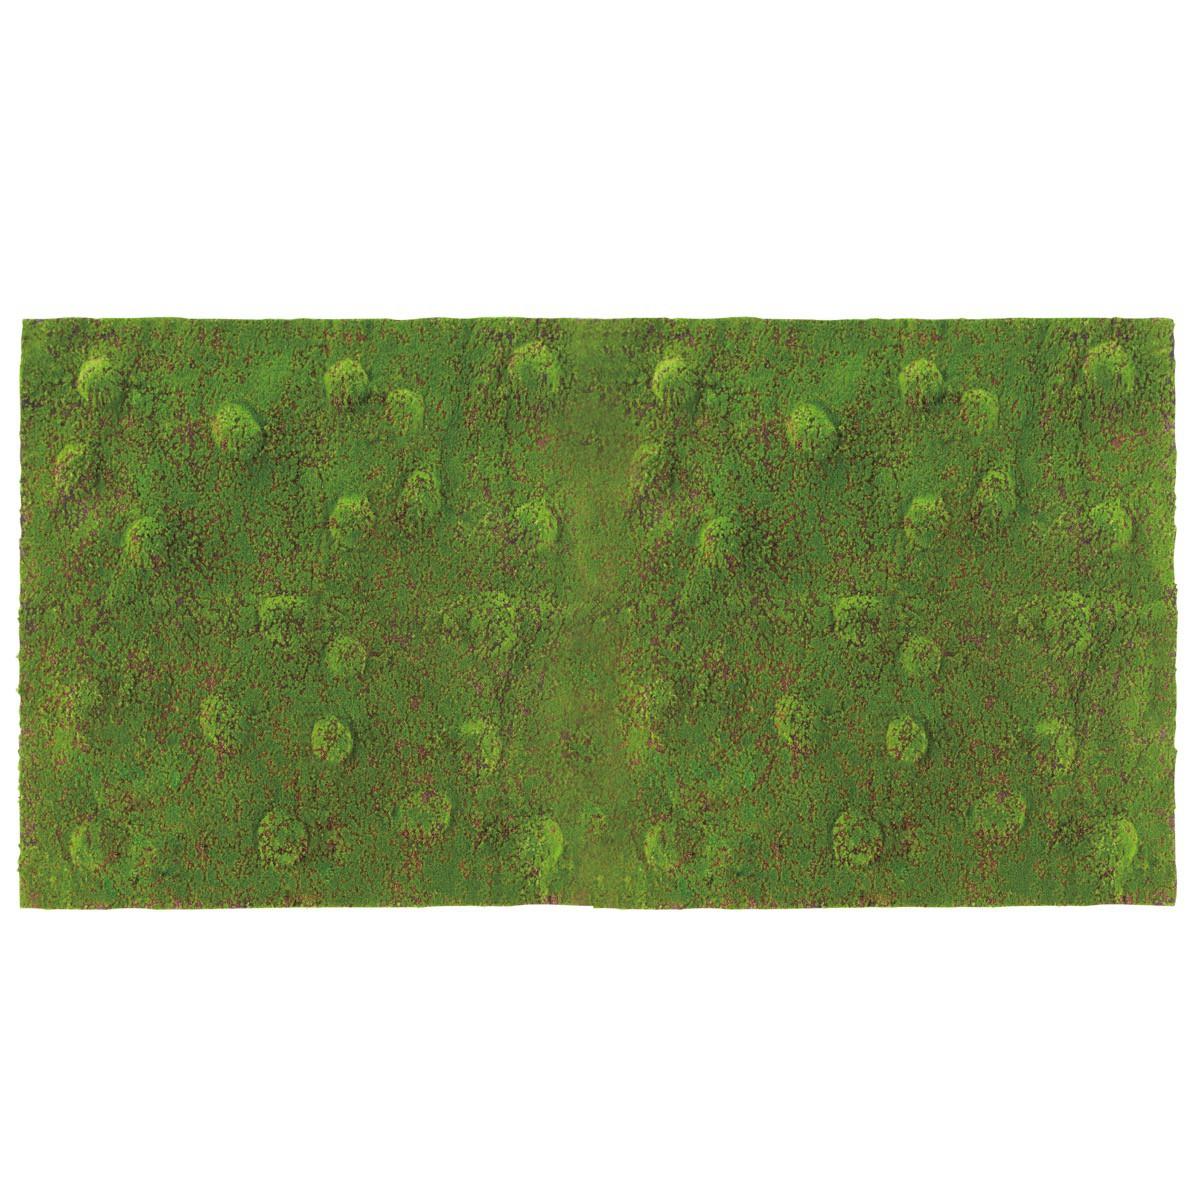 人工観葉植物 フェイクグリーン 観葉植物 造花 モスマット フラット 土付き 200×100cm インテリア おしゃれ フェイク グリーン CT触媒 消臭 抗菌